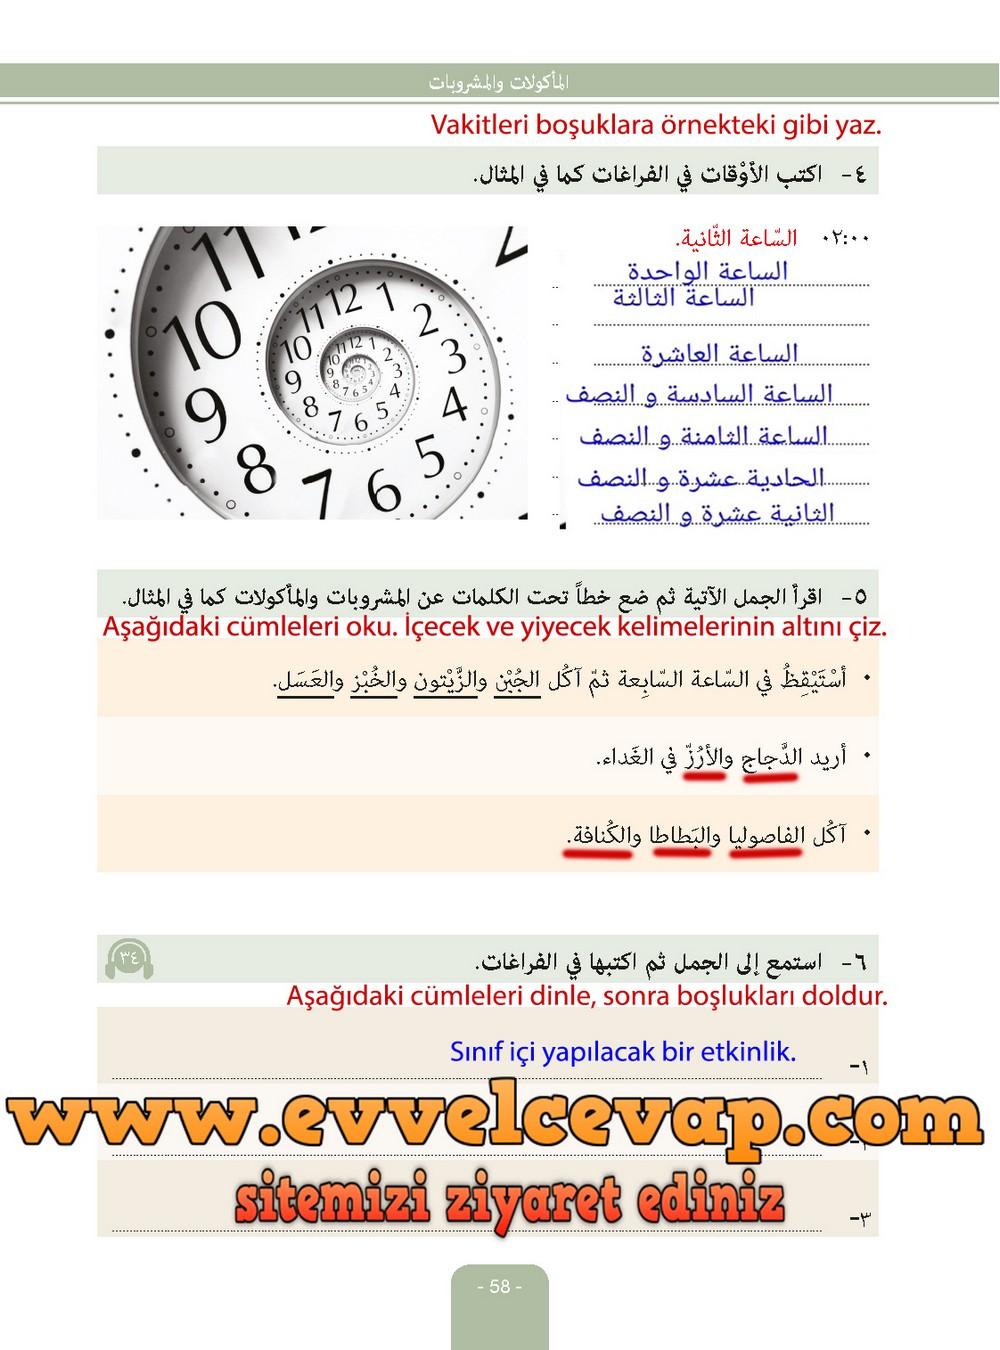 6 Sinif Arapca Ders Ve Calisma Kitabi Sayfa 58 Evrensel Iletisim